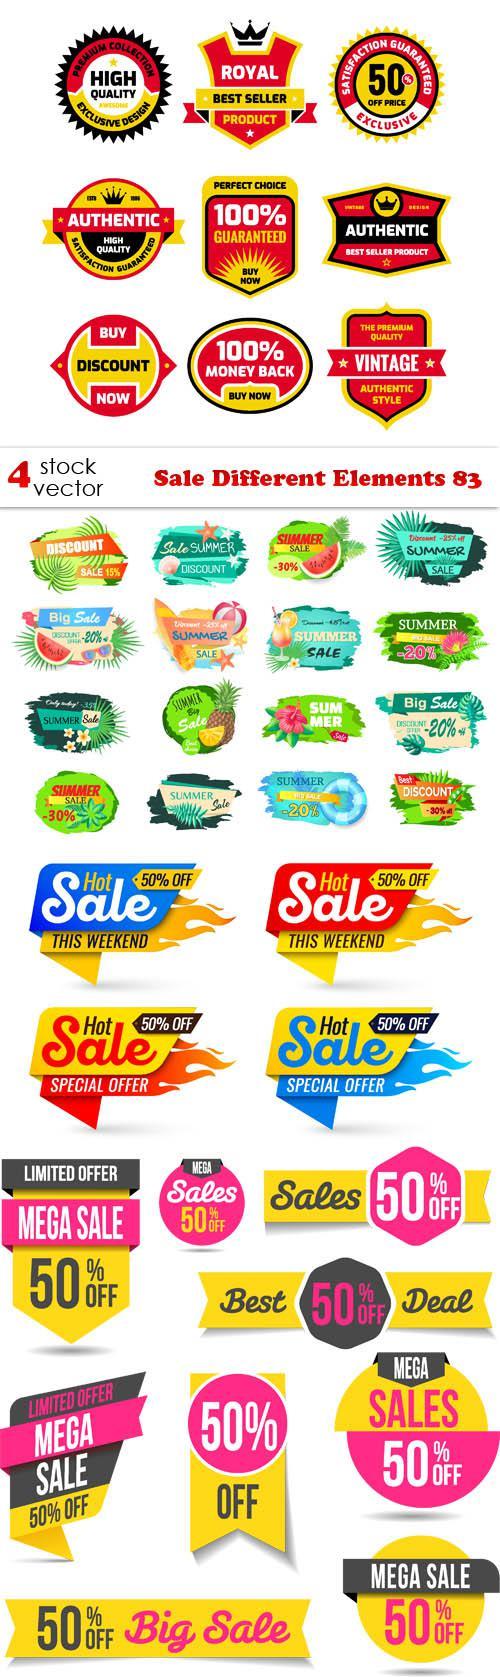 Sale Different Elements 83